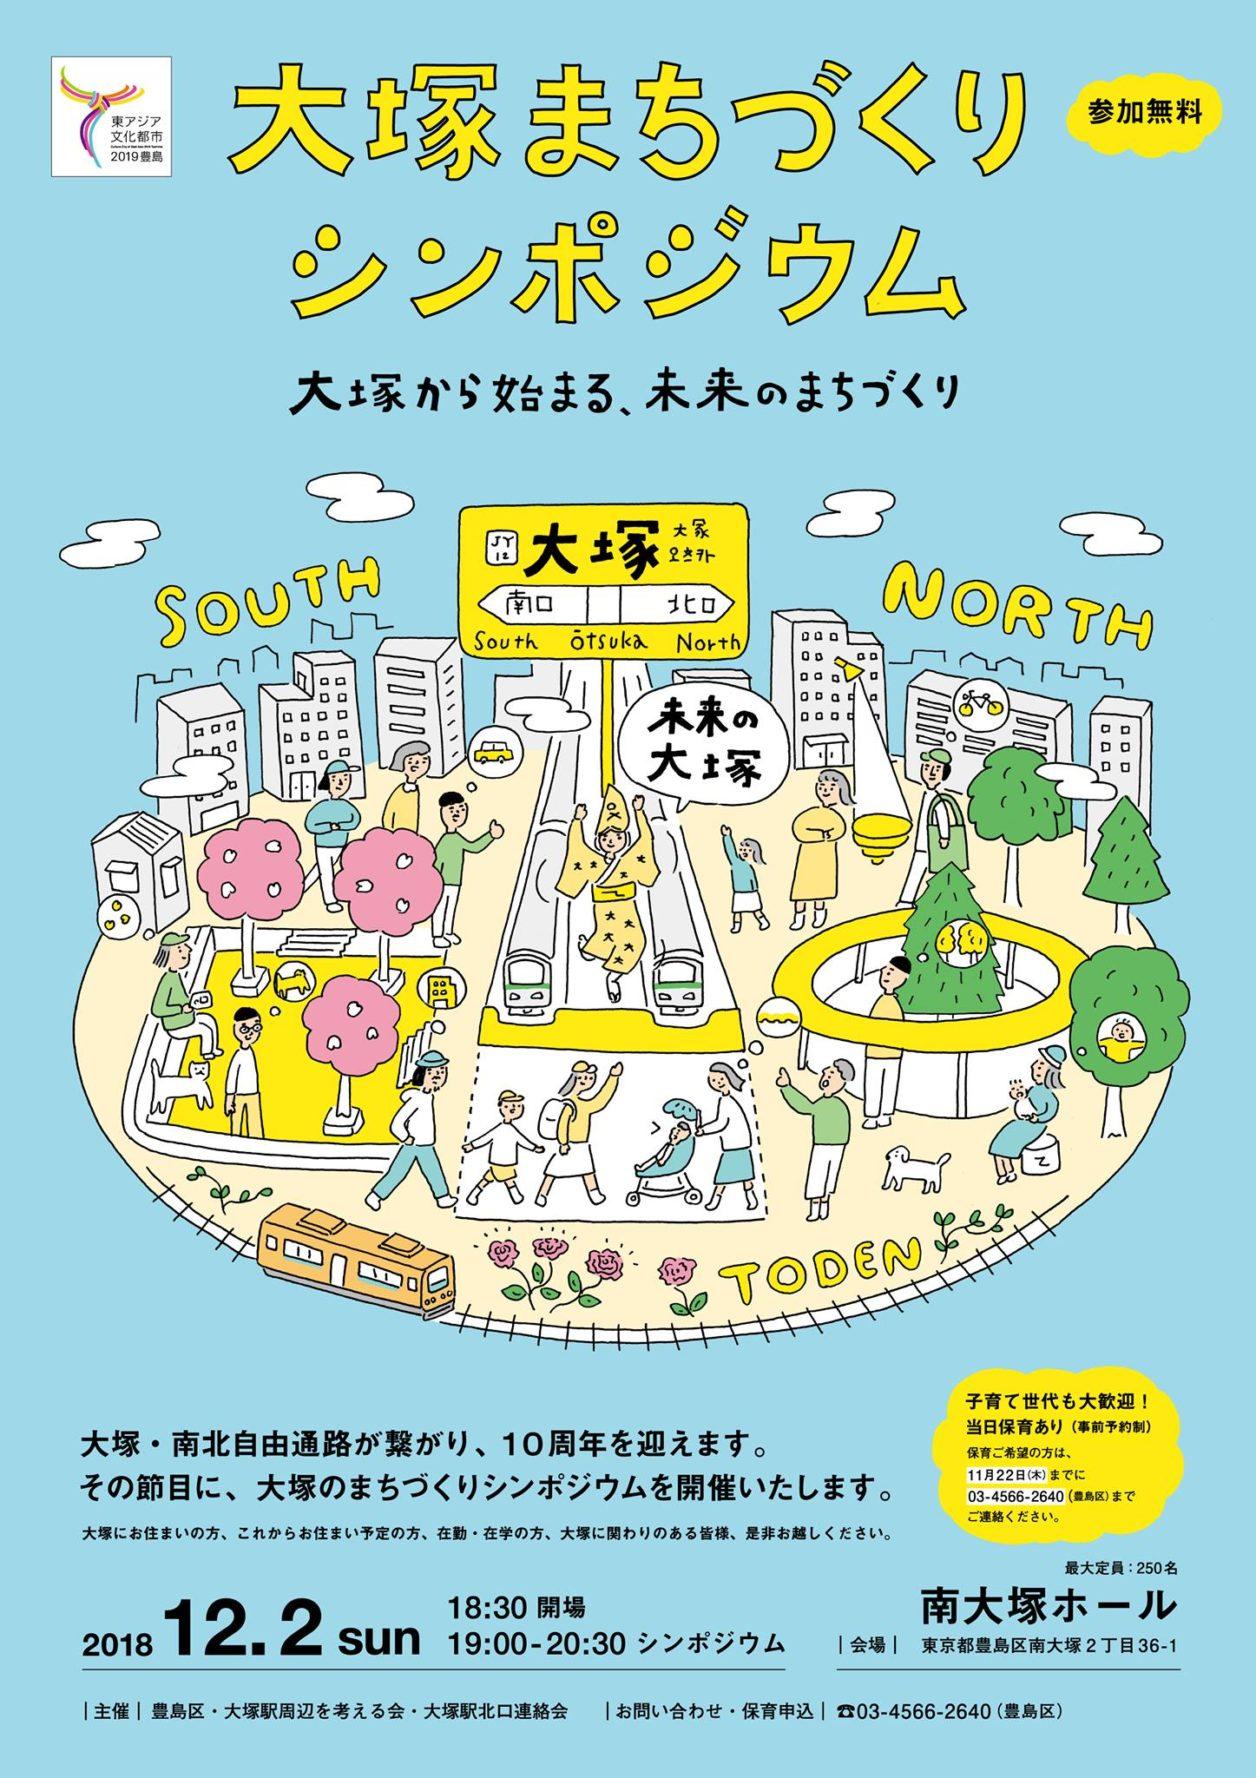 豊島区 まちづくりシンポジウム企画運営